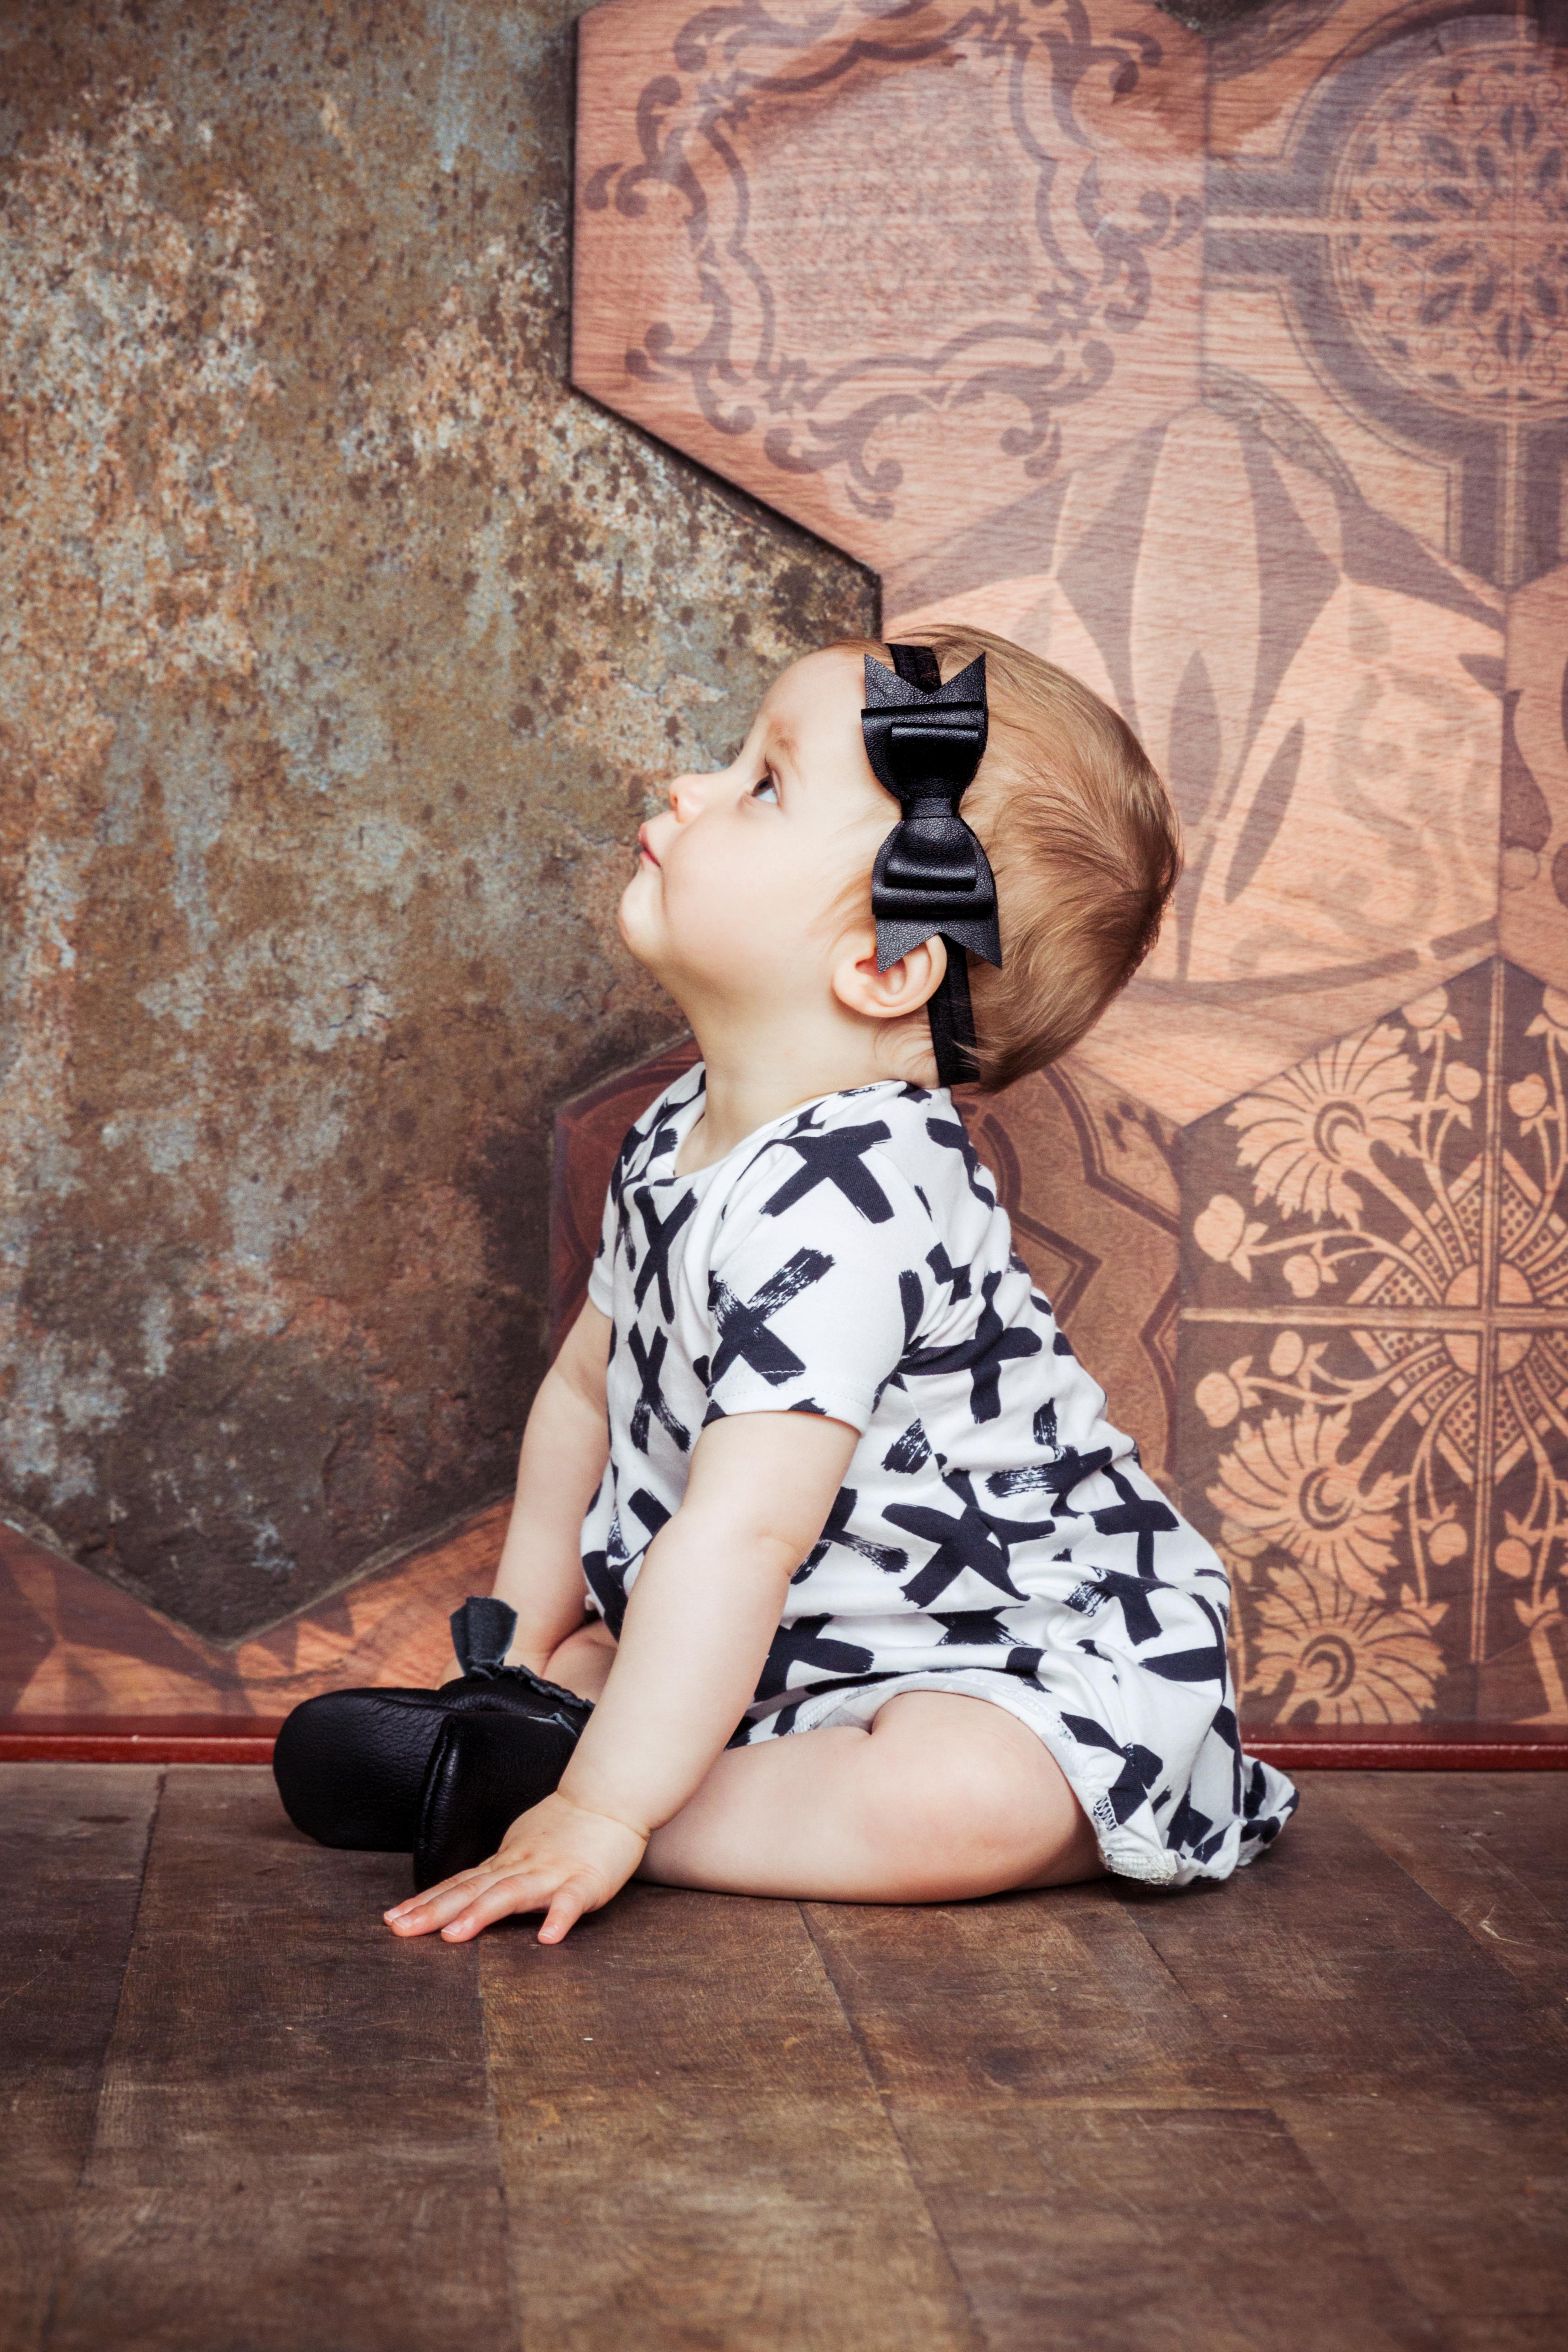 KidsbySannevandenEndefotografie-8